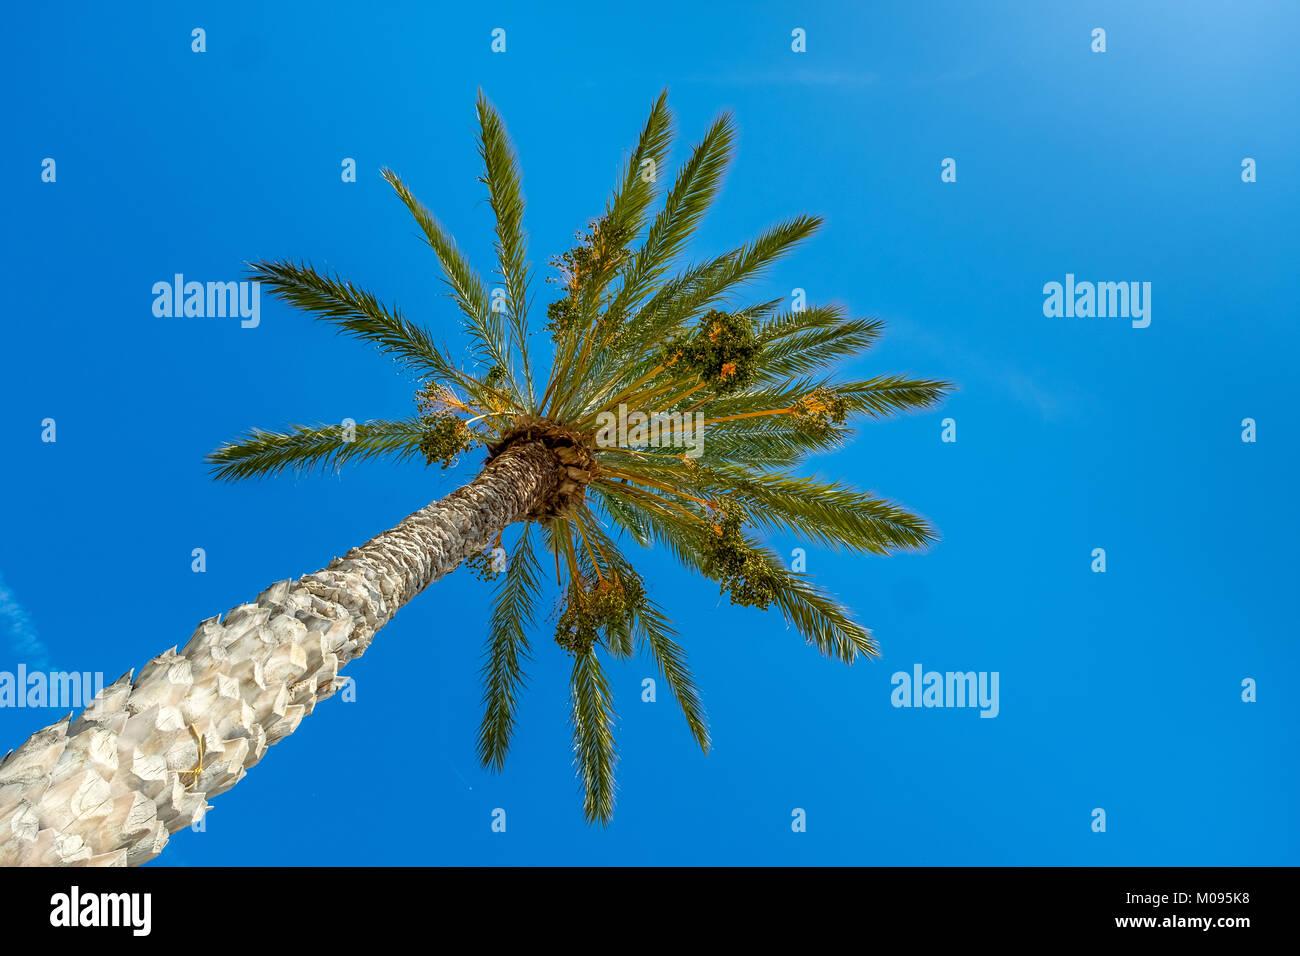 Palm und blauer Himmel, endemische Arten von Palm Phoenix theophrasti, blauer Himmel, Südkreta, Kreta, Griechenland, Stockbild